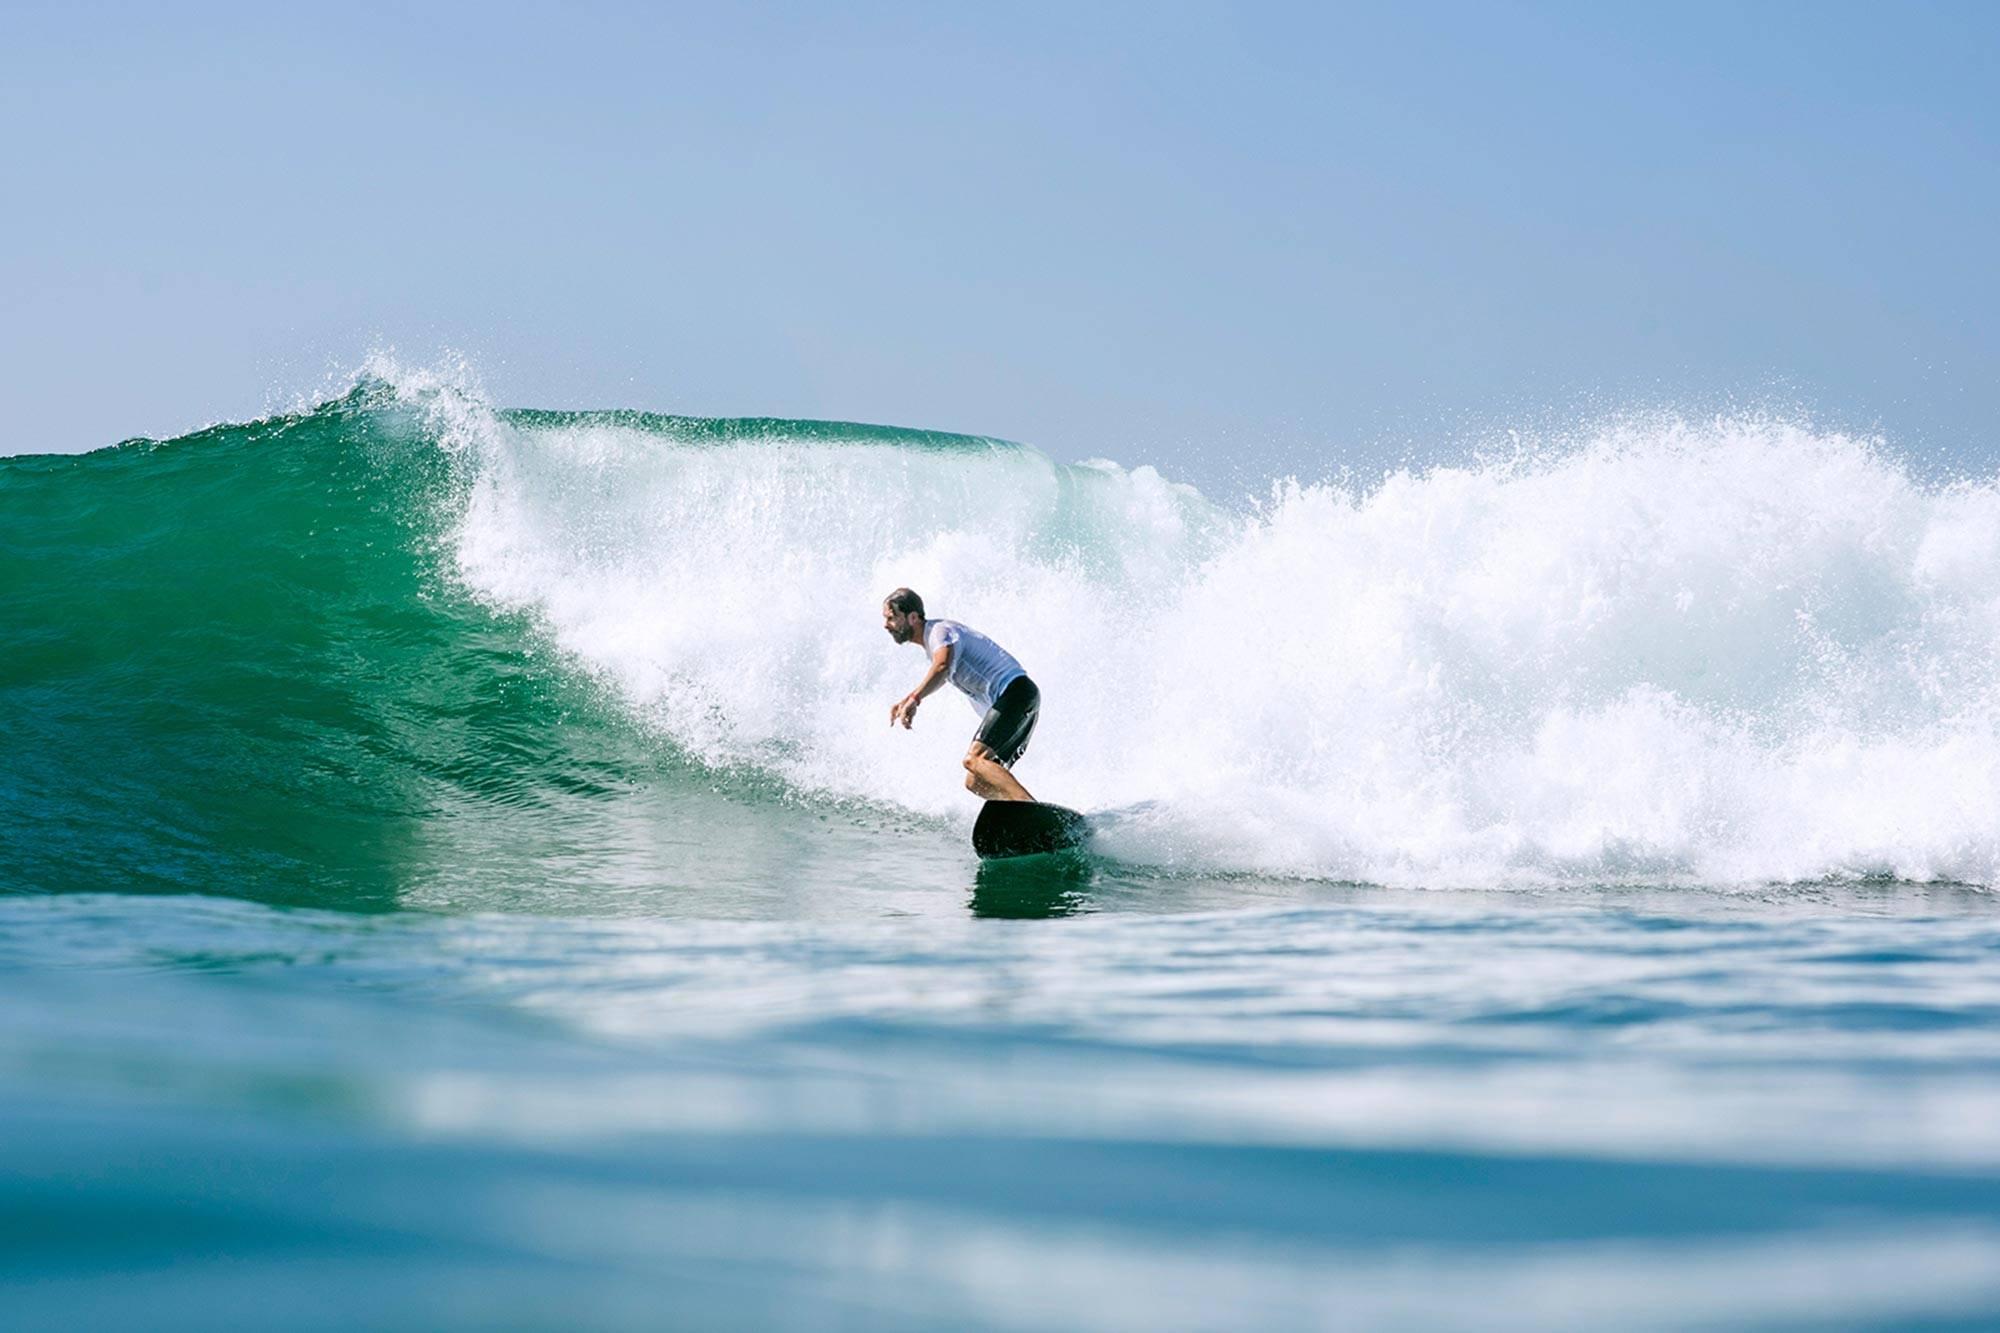 https://www.soulandsurf.com/wp-content/uploads/2021/08/lombok-pop-up-2019-Copy-of-_DSC6235.jpg Image